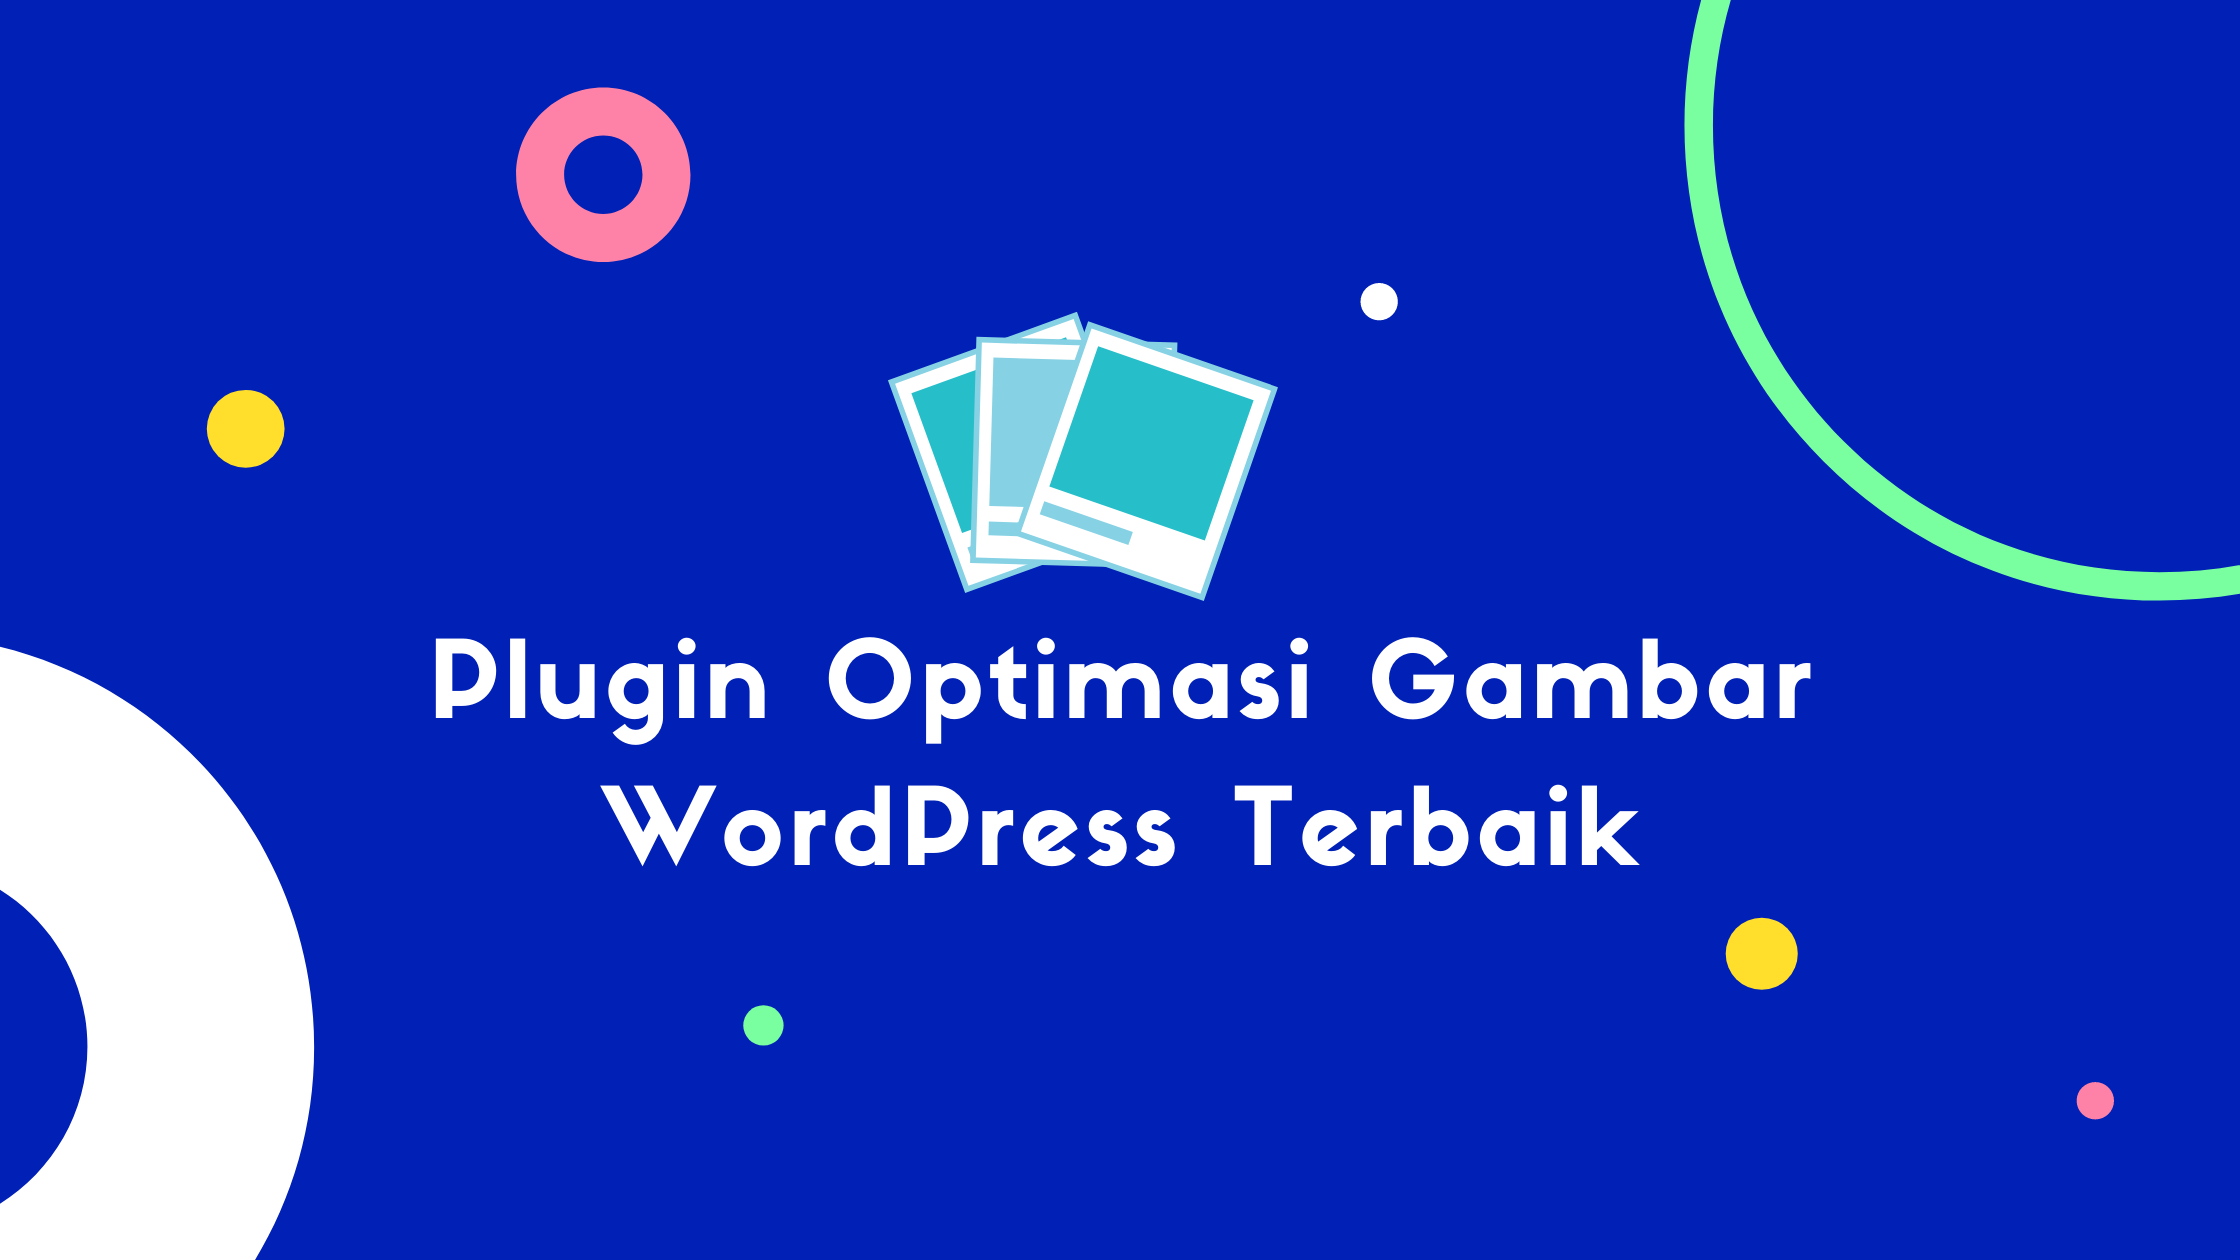 Plugin Optimasi Gambar WordPress Terbaik